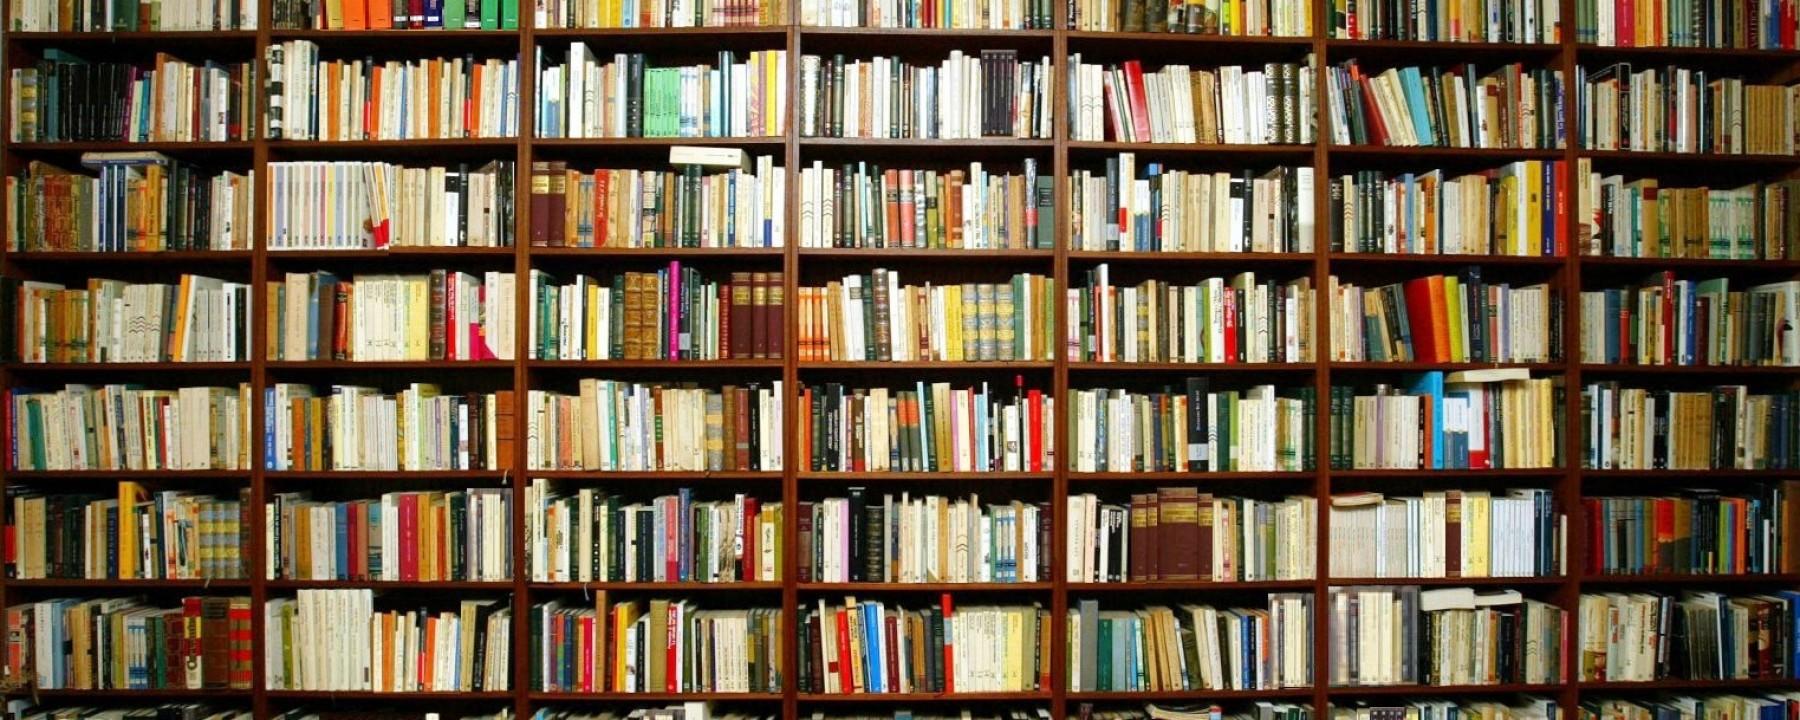 ¿Cuál fue el detonante para que comenzarás a escribir tus libros?